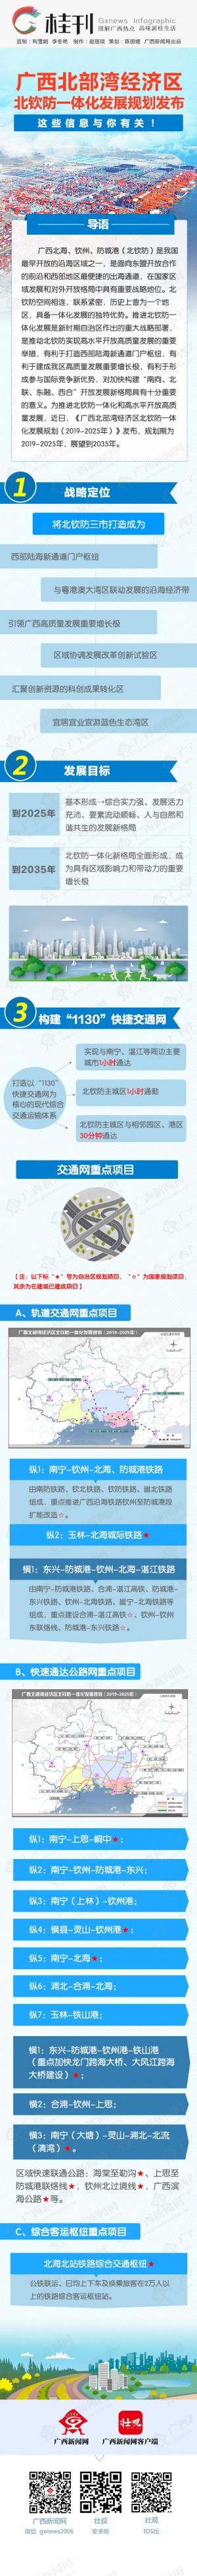 廣西北部灣經濟區北欽防一體化發展規劃發布 這些信息與你有關!